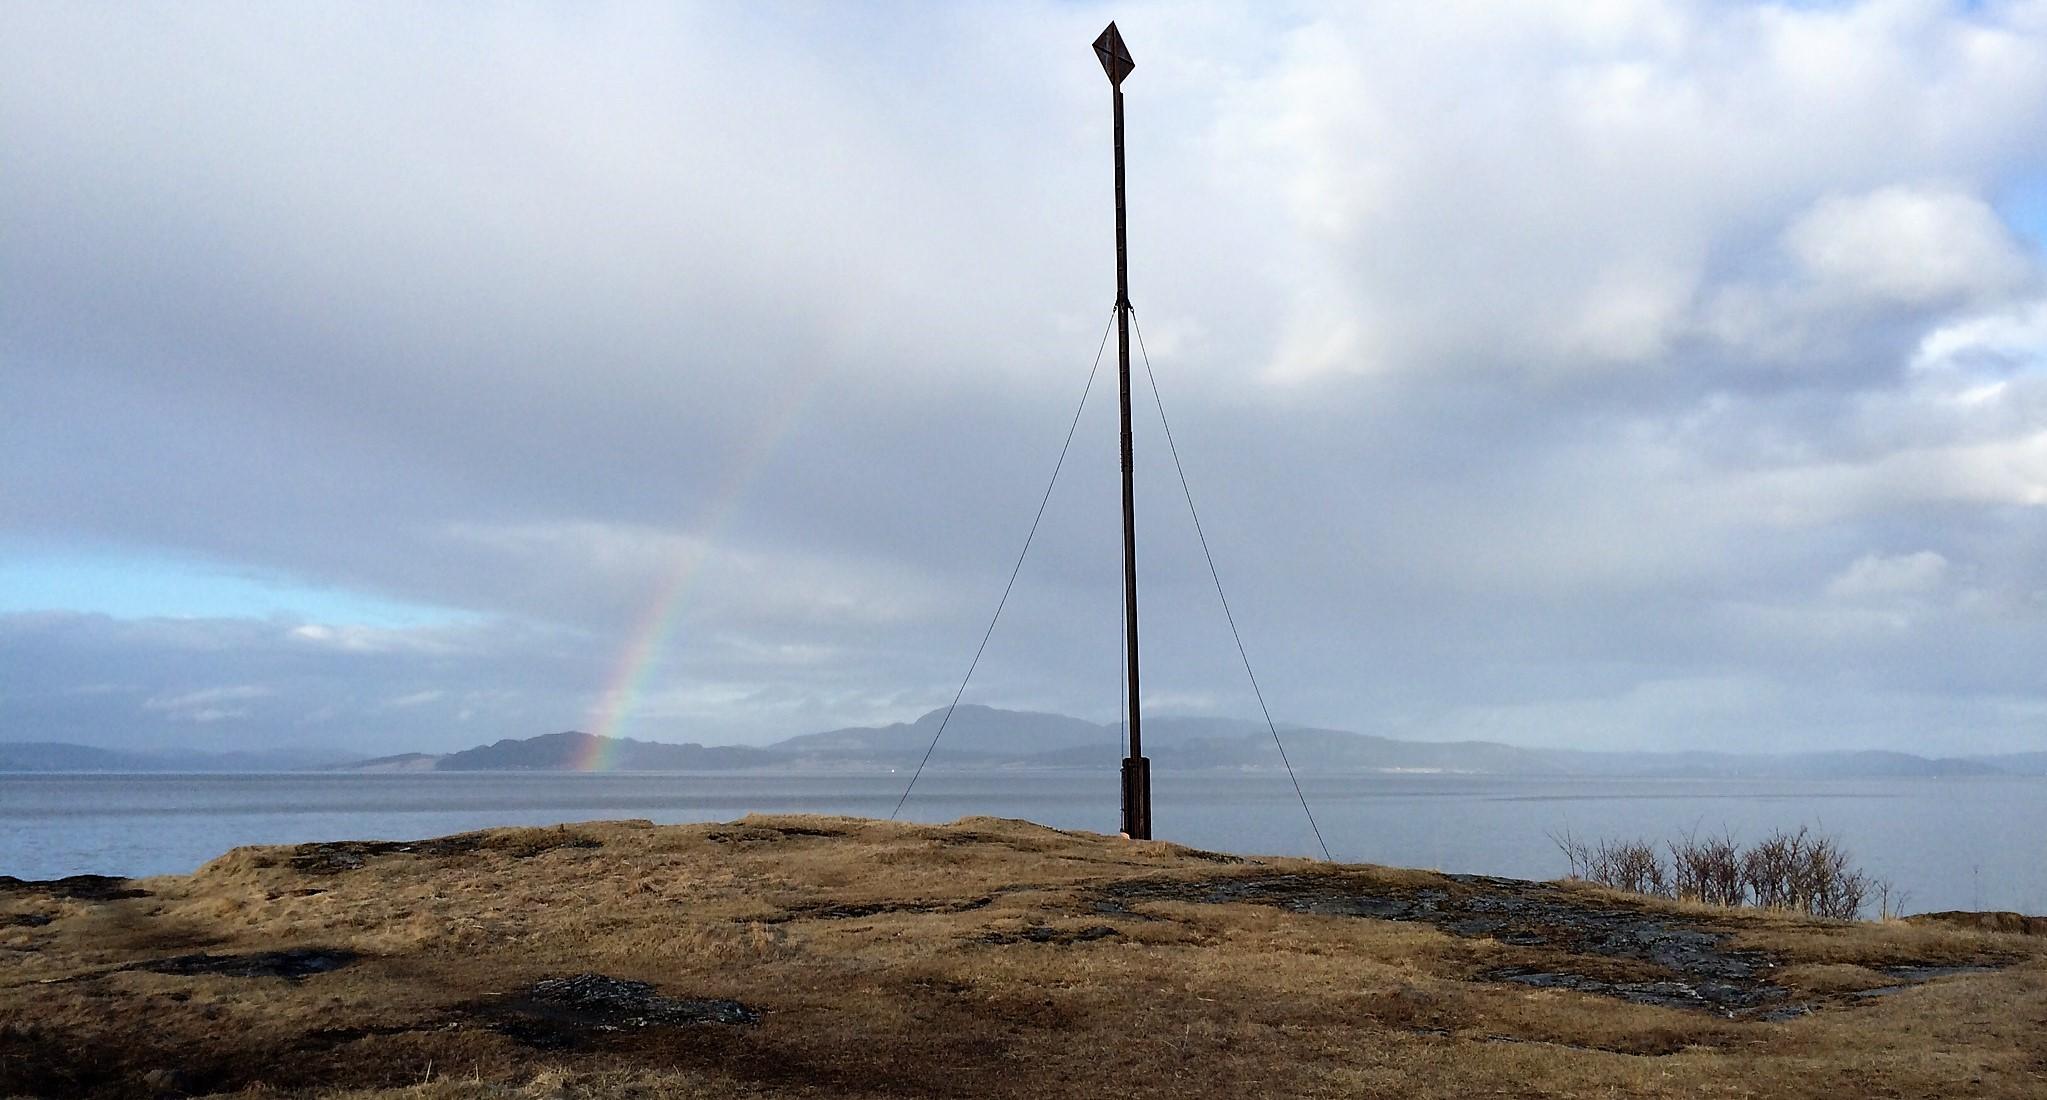 Bilde fra Vikhammerløkka ut mot sjøen